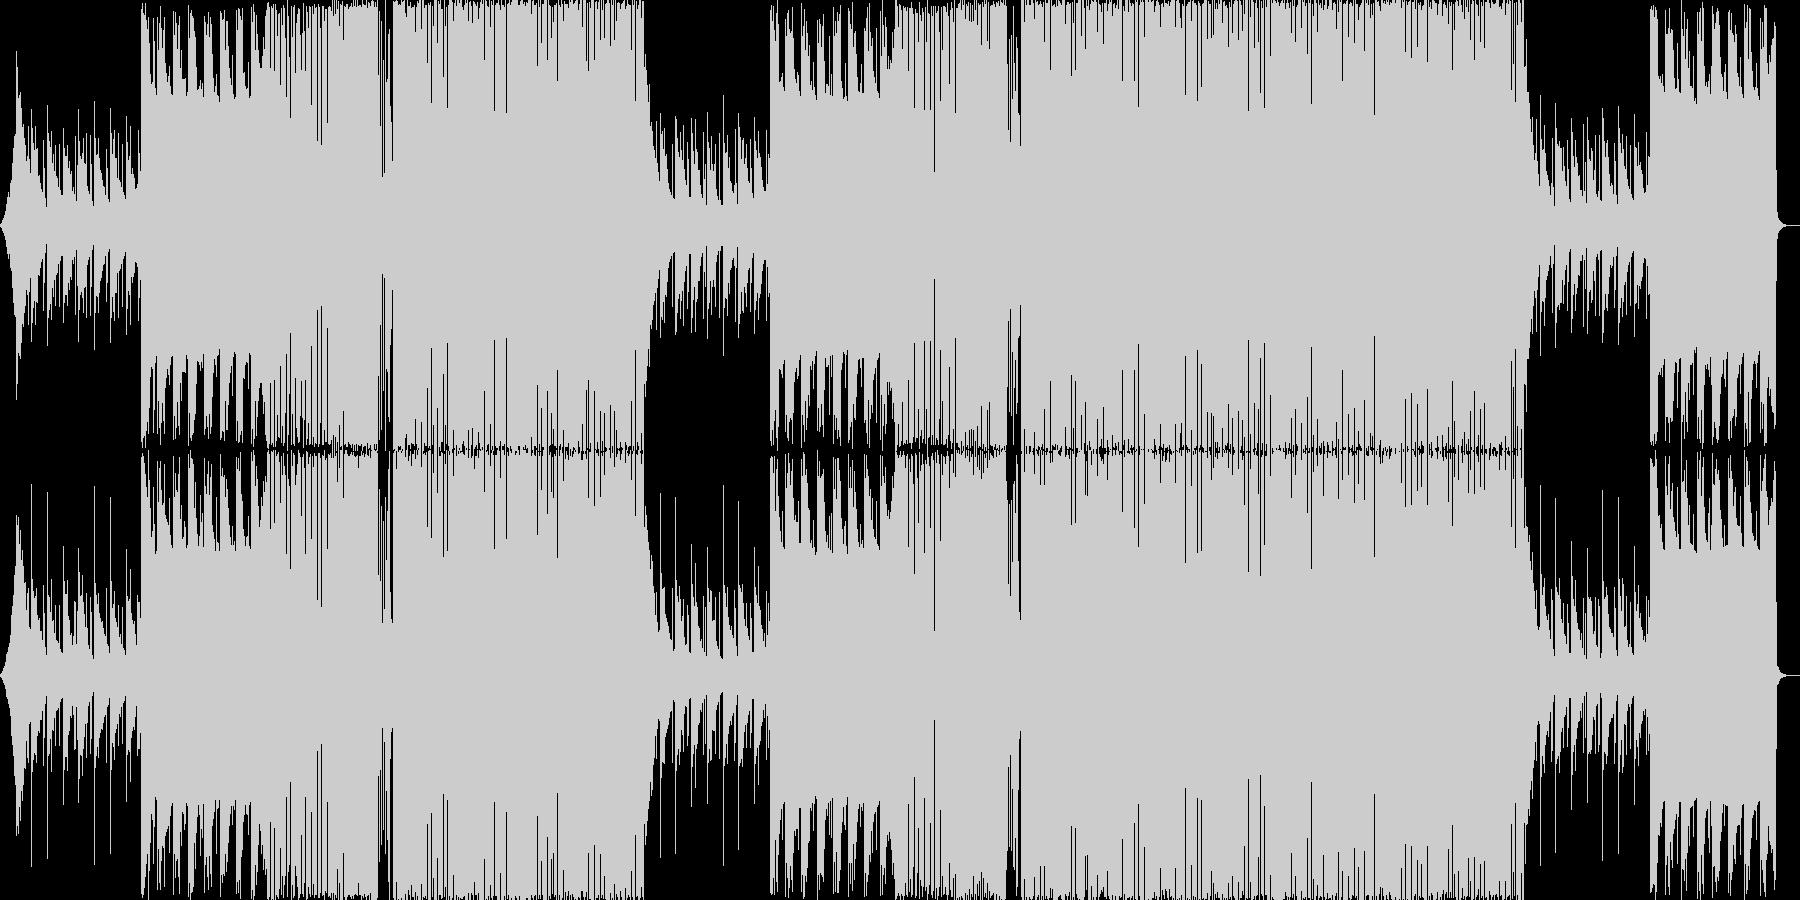 エンディング・かわいい・楽しい EDMの未再生の波形